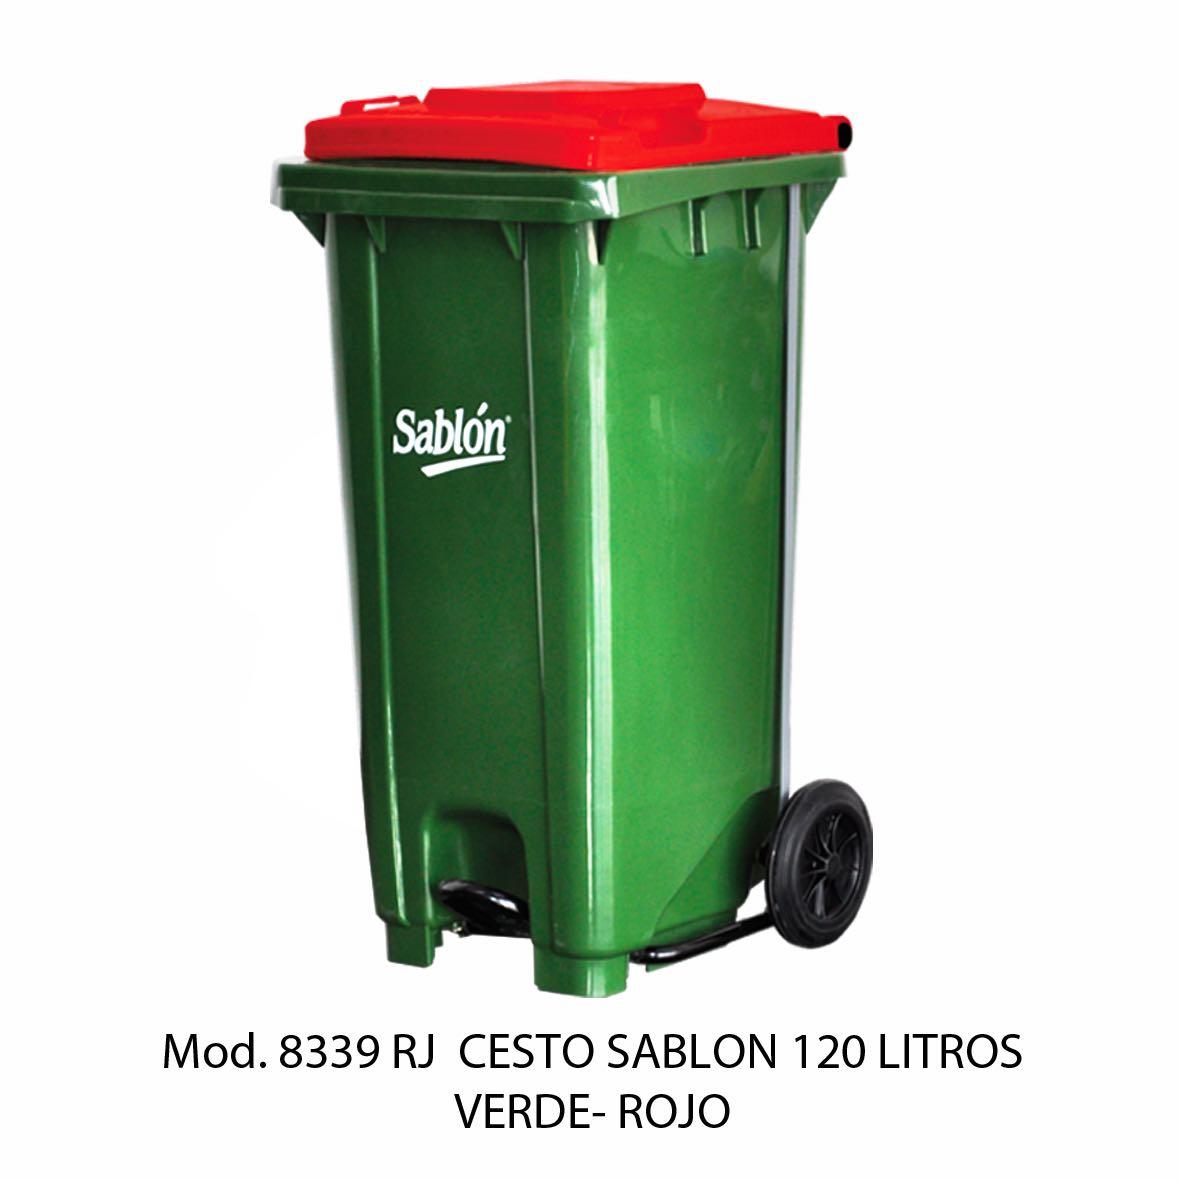 Contenedor para basura de 120 litros cuerpo verde y tapa rojo - Modelo 8339 RJ - Sablón